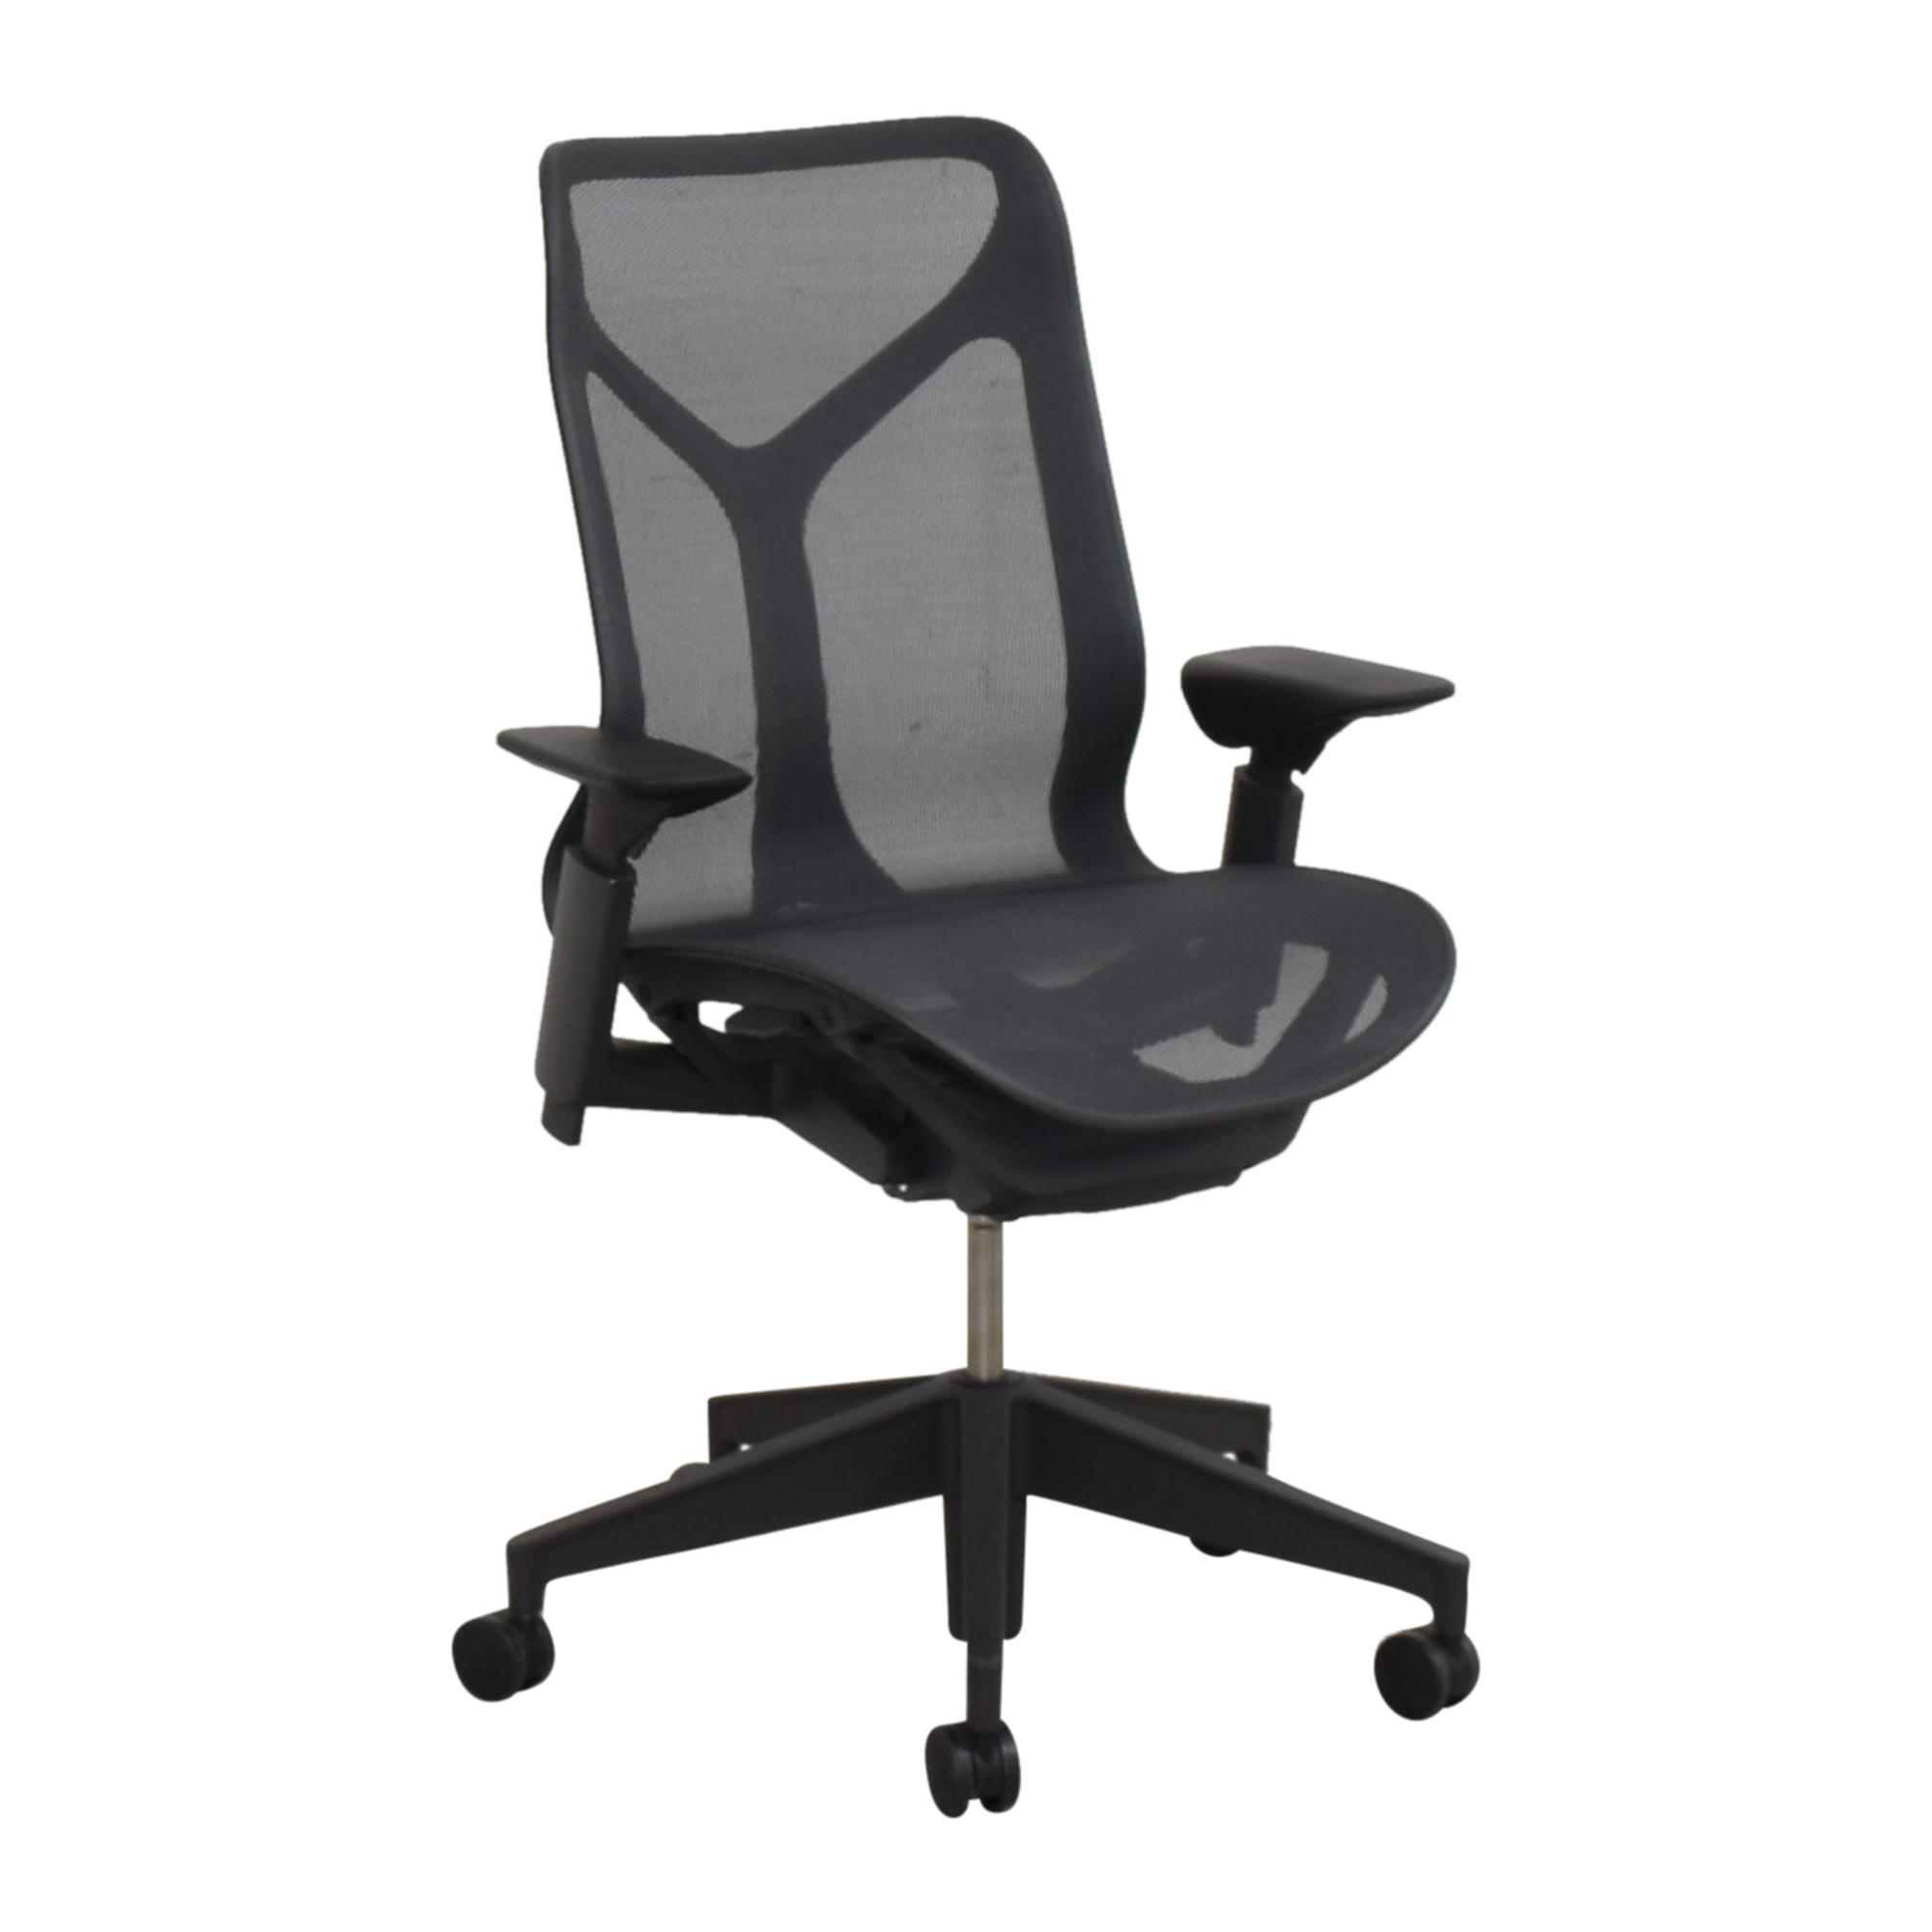 buy Herman Miller Herman Miller Cosm Chair online